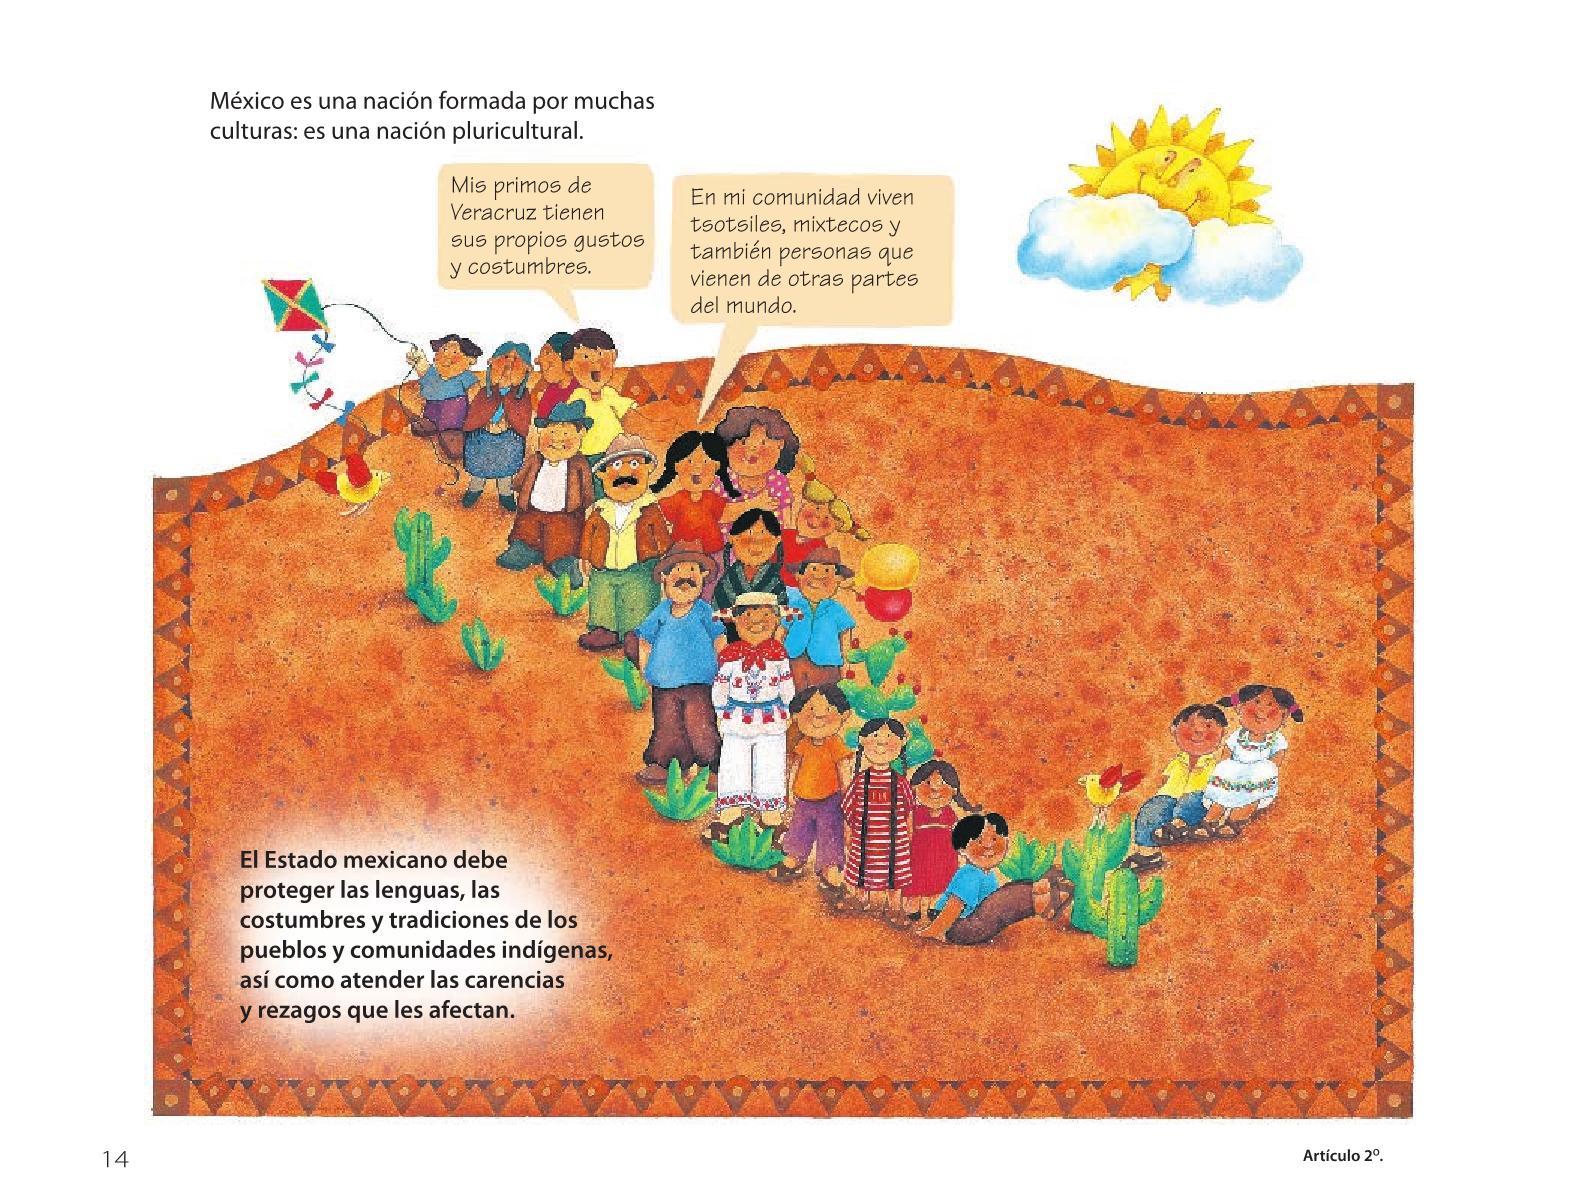 Articulo 36 dela constitucion mexicana yahoo dating 9